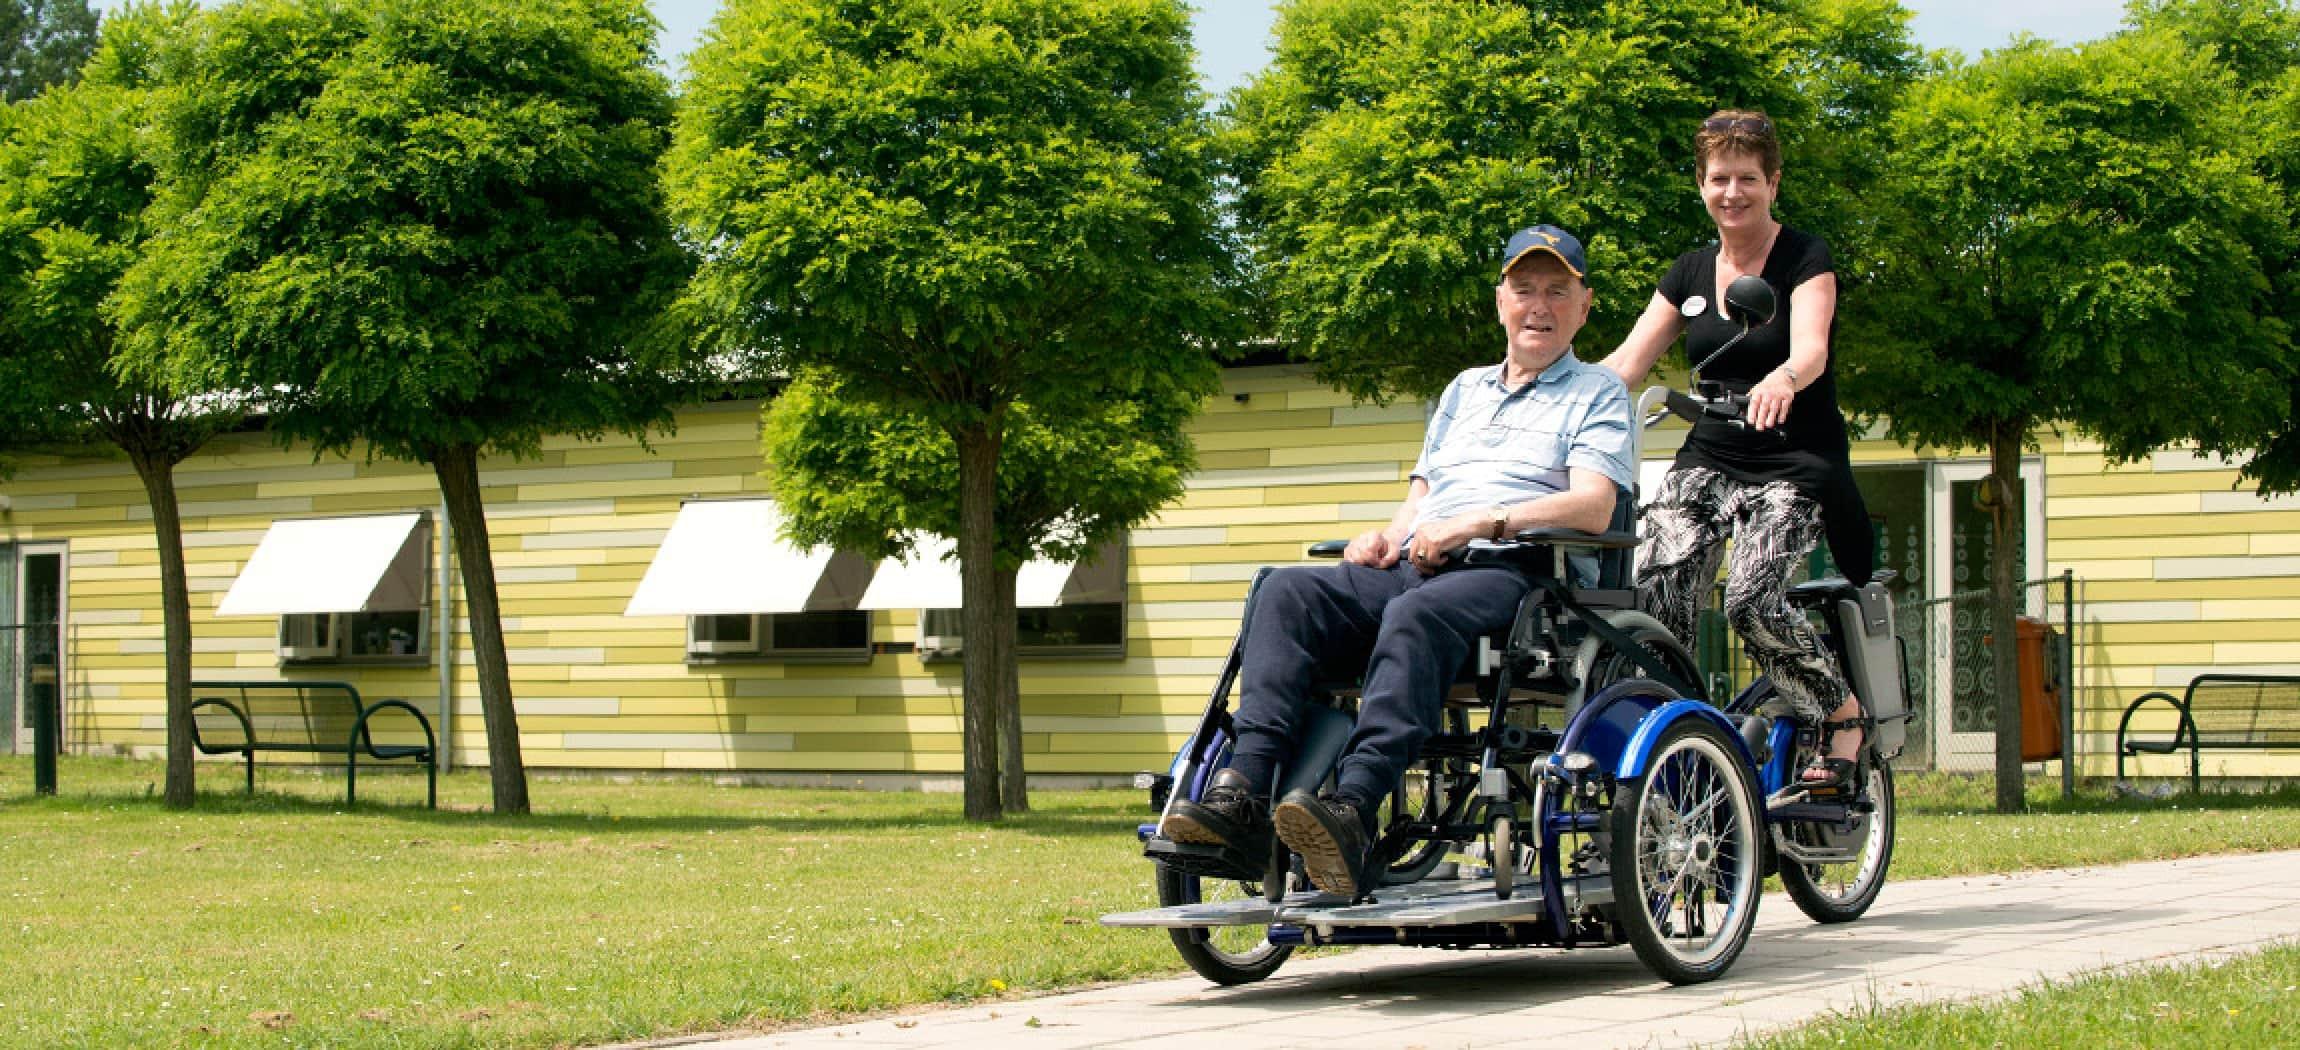 Rolstoelfiets met oudere man in rolstoel en verzorgende - rolstoeltransportfiets